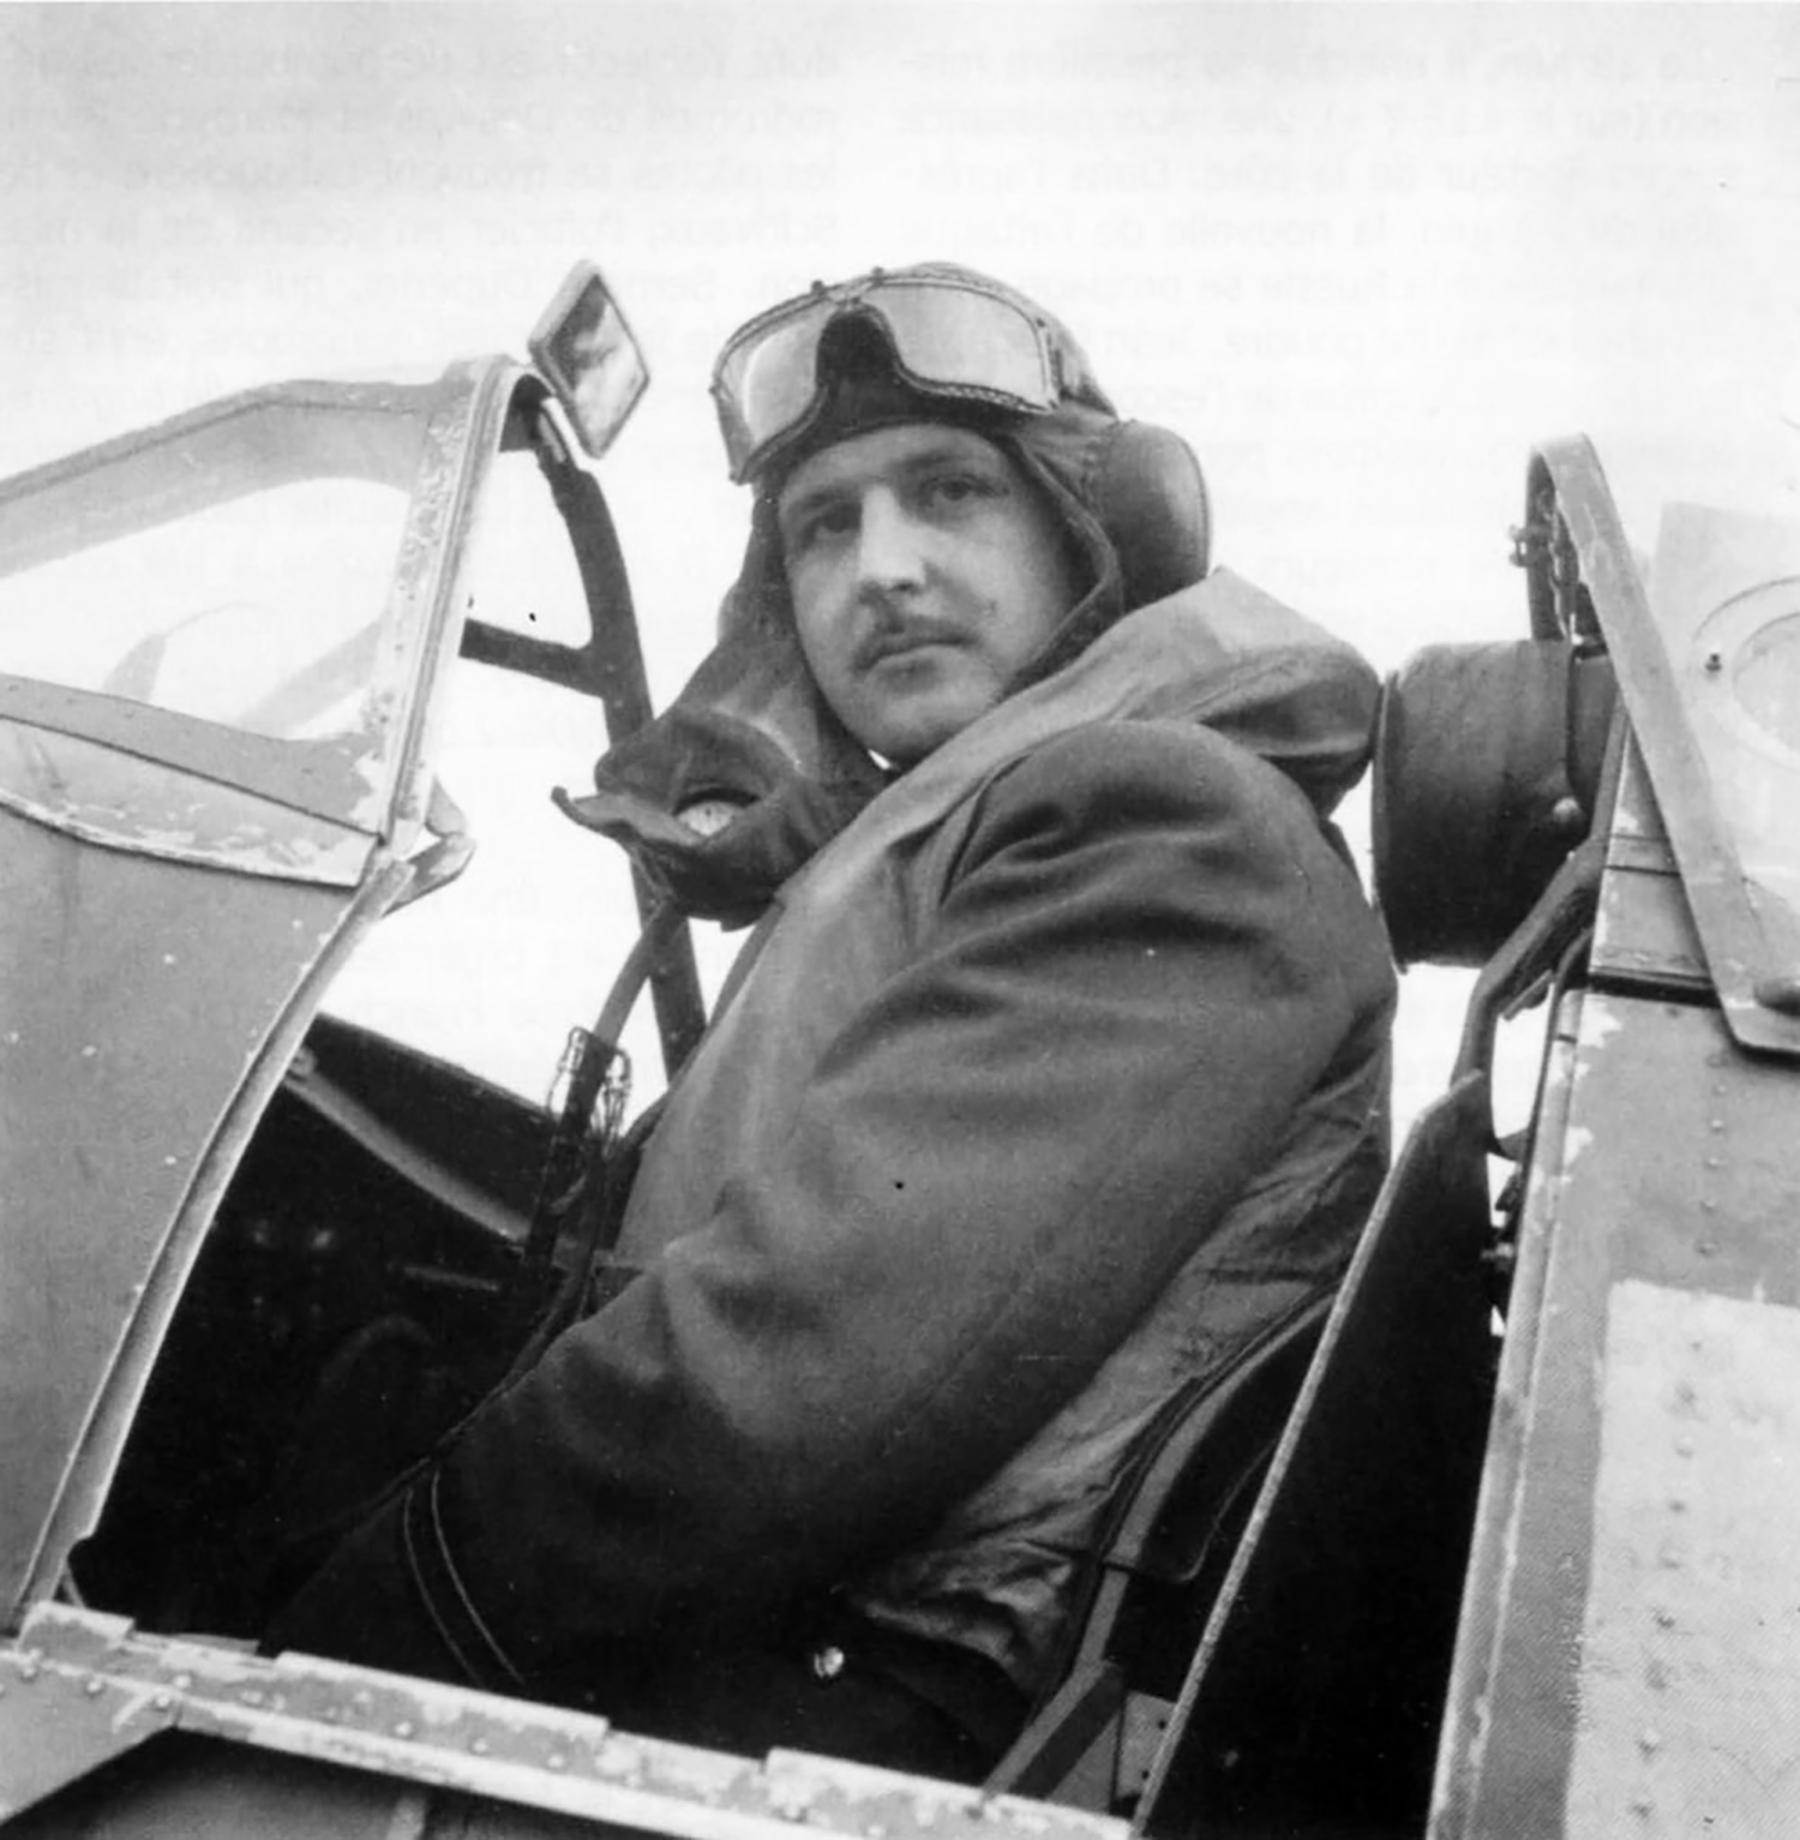 Spitfire MkVb RAF 91Sqn DLJ Jean Demozay Hawkinge 1941 02